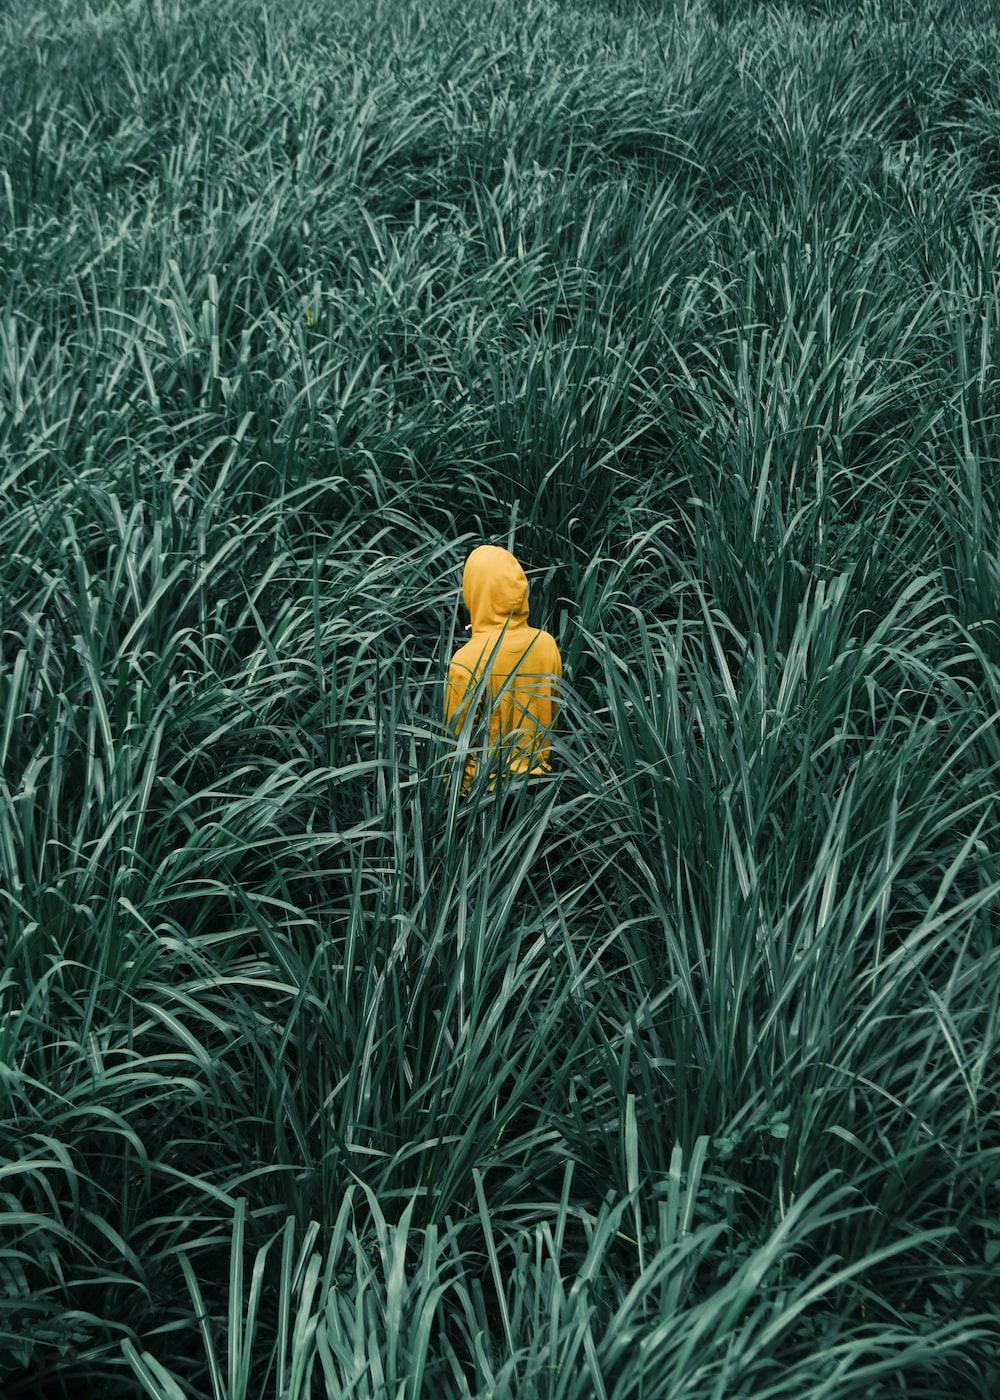 person wearing orange hooded jacket in in green grass field